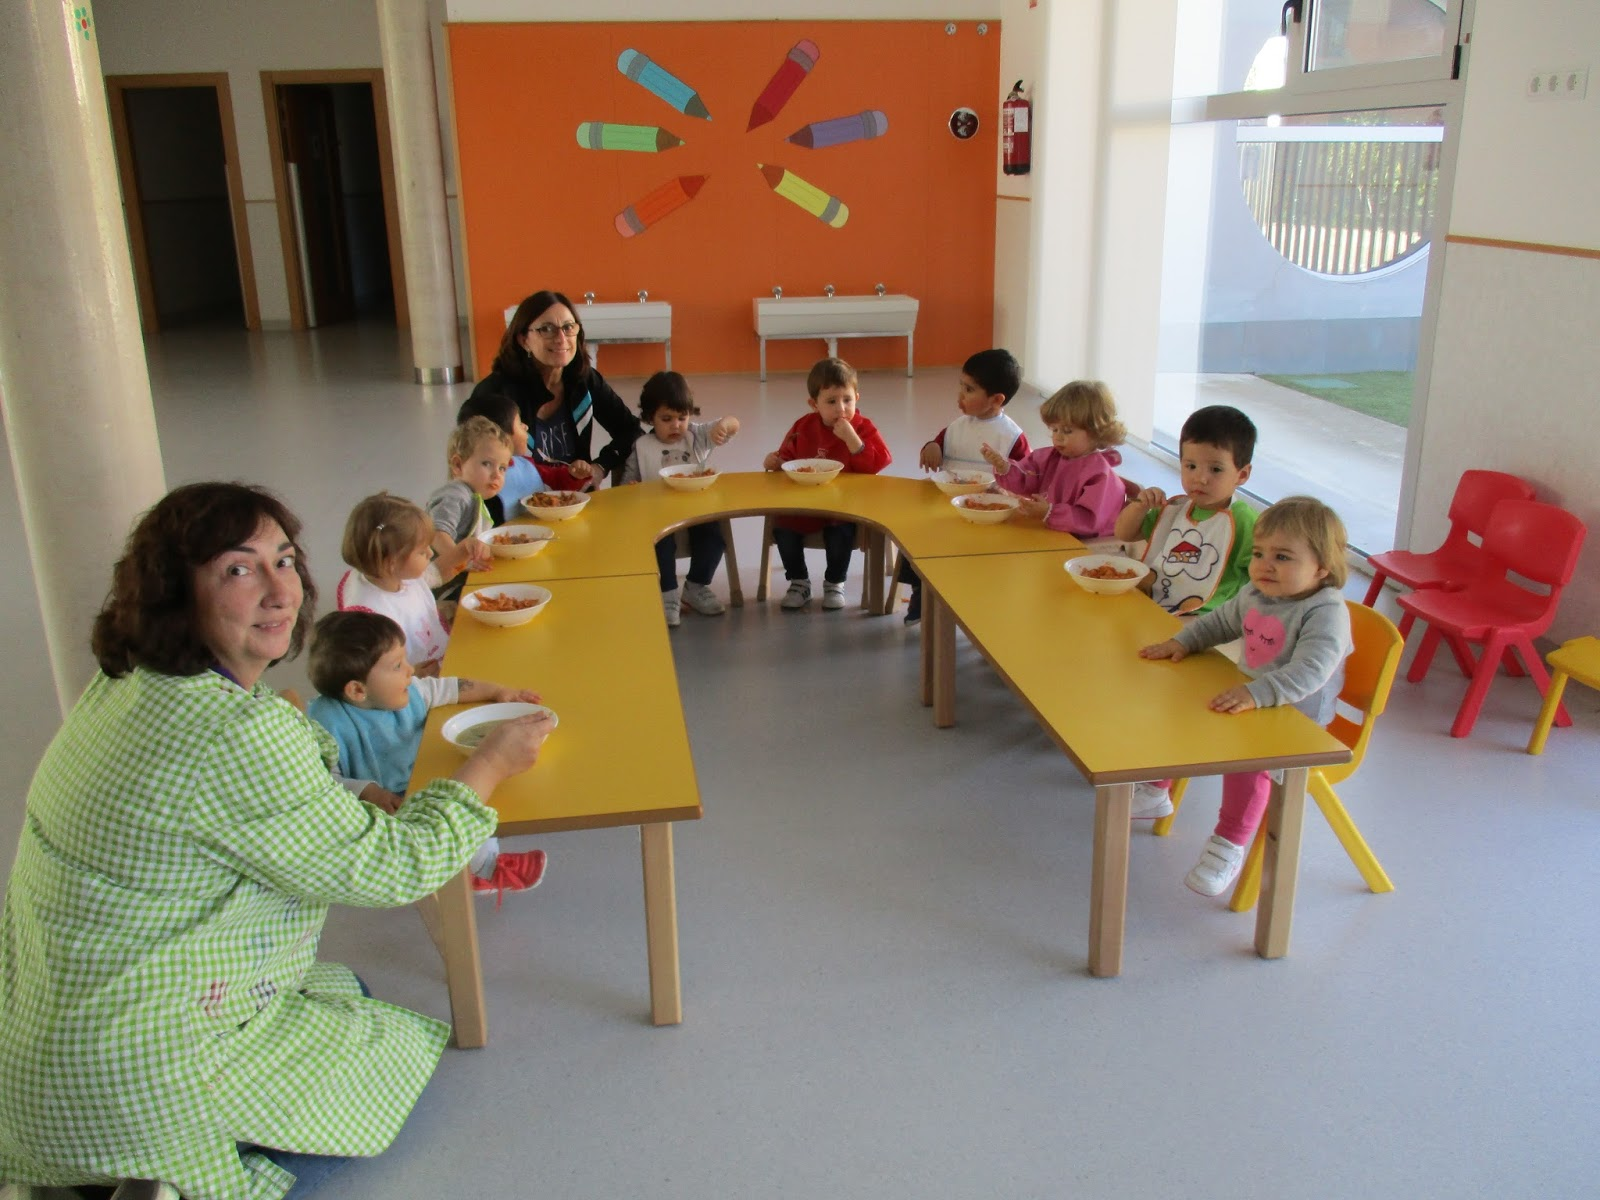 Escuela Infantil Rafaela Alvarez De Eulate Os Dejamos